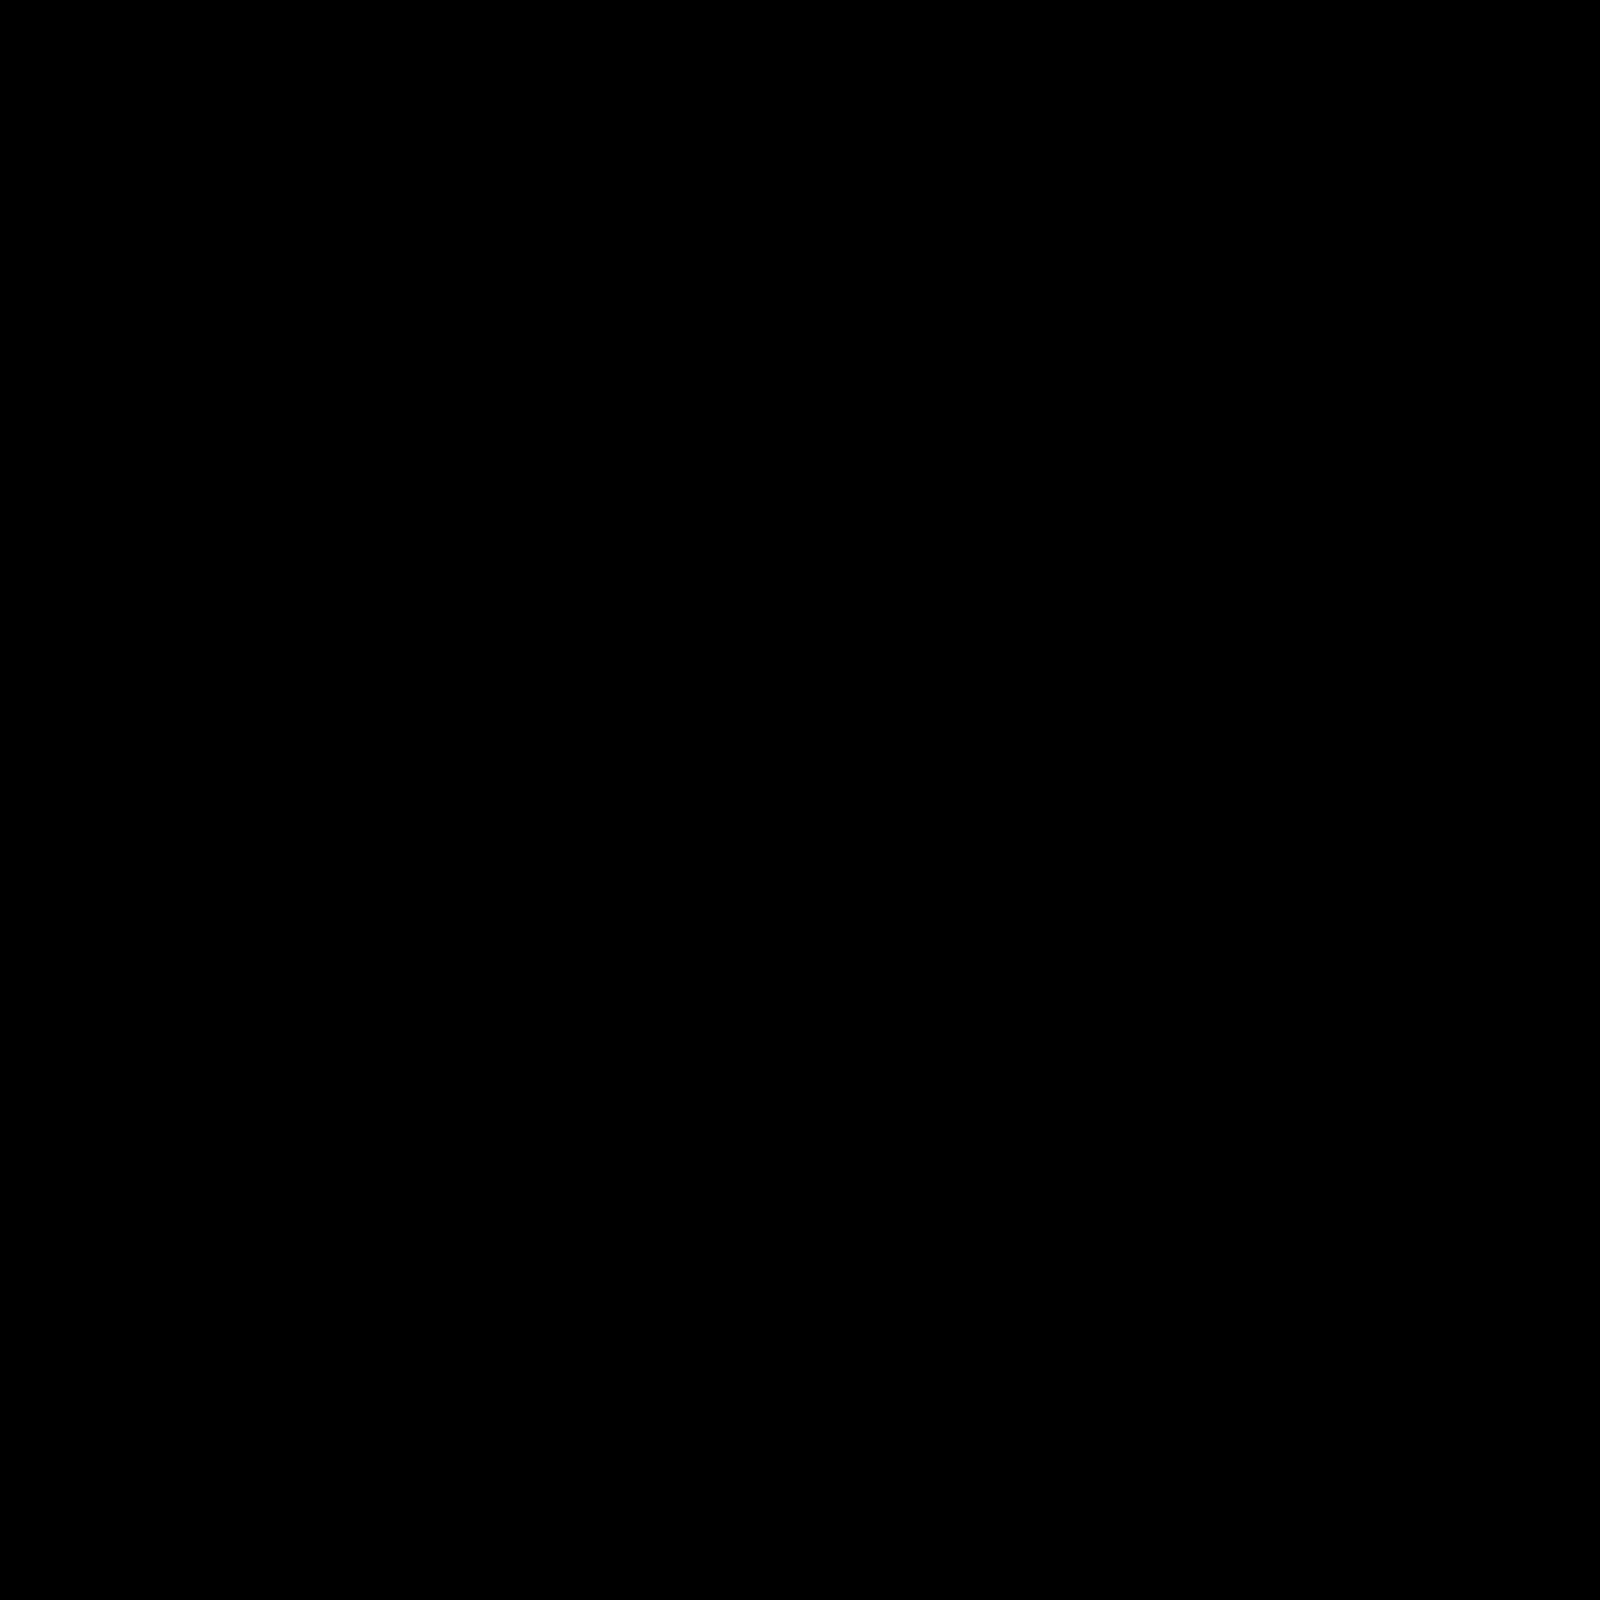 タスク完了 icon